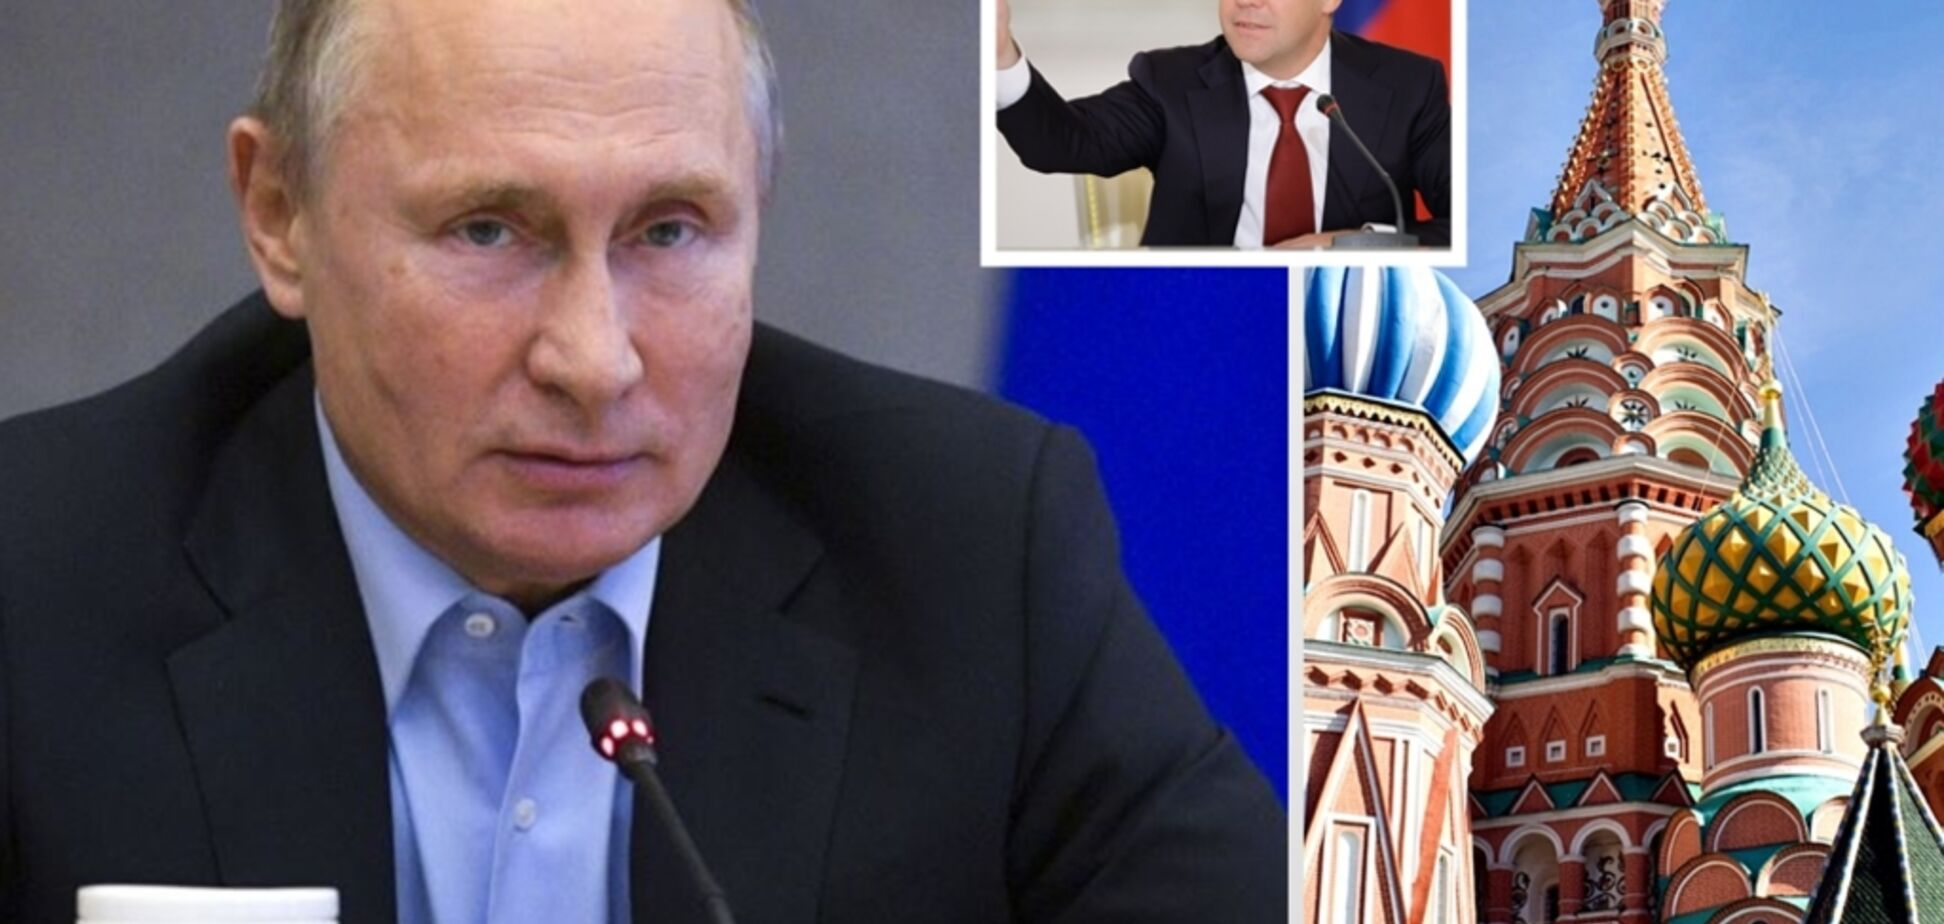 У Кремлі почалася війна: чим це загрожує Путіну і що чекає Україну